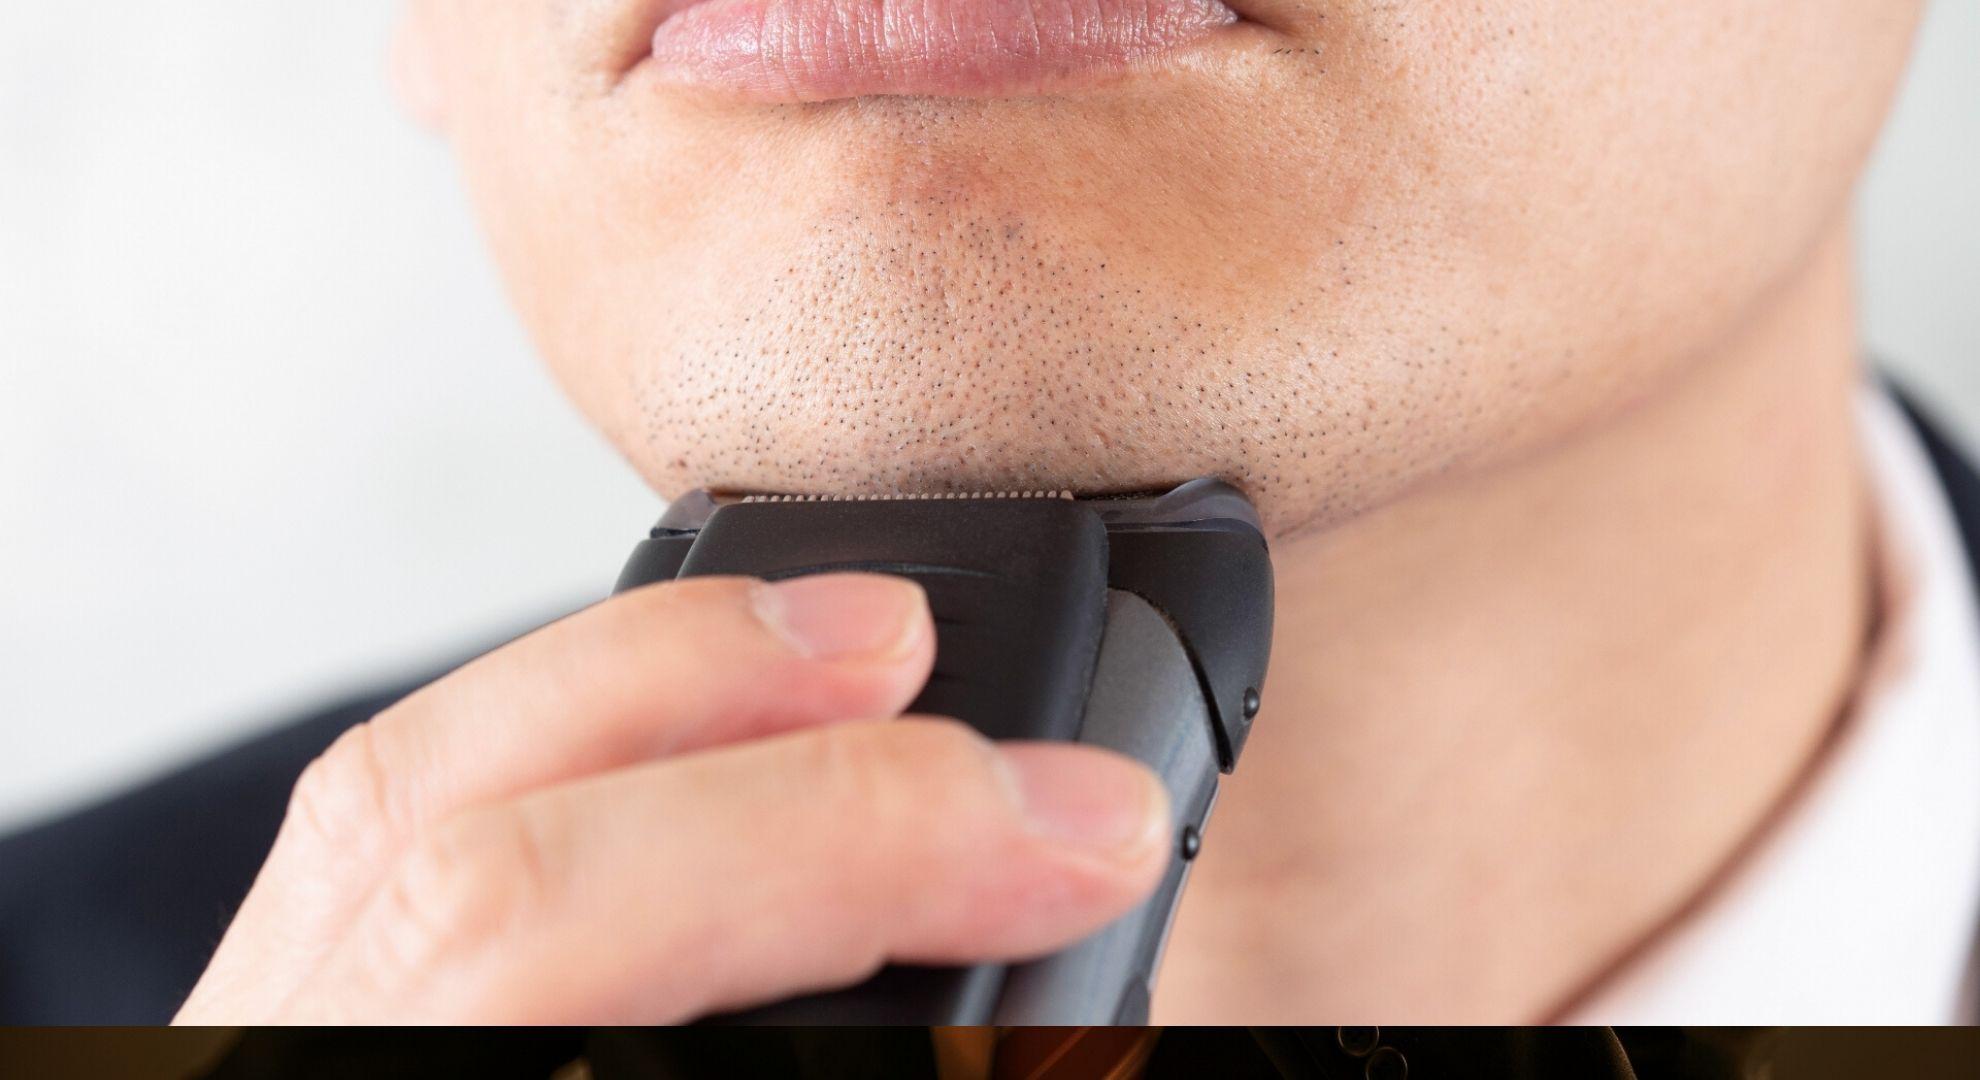 正しいひげ剃りを行う